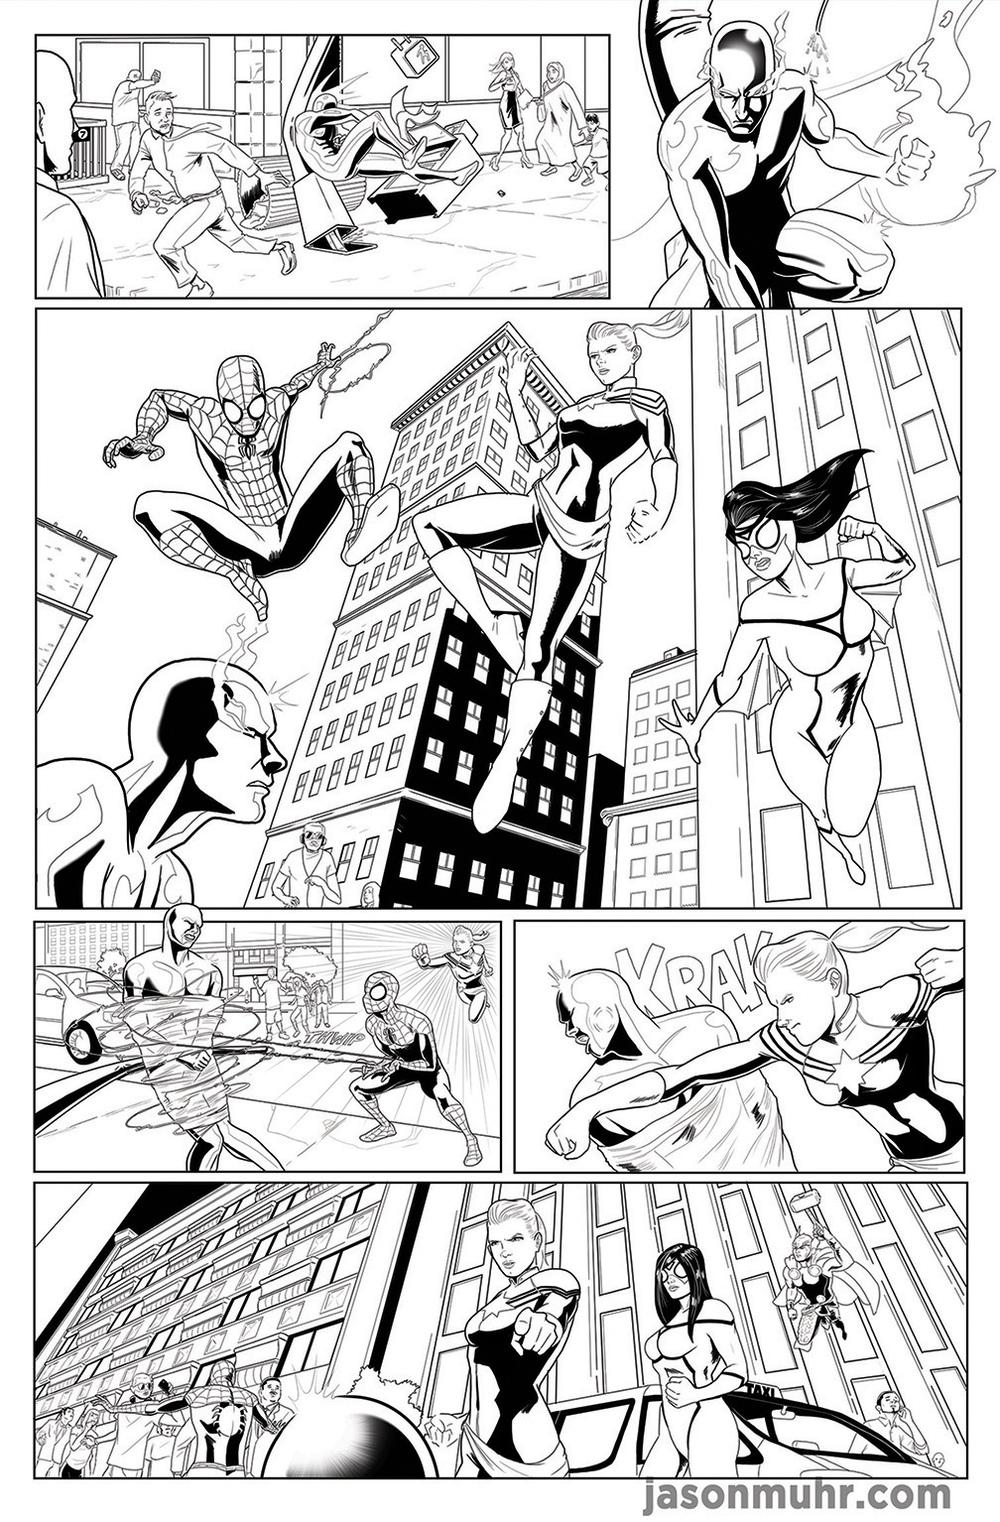 Avengers_pg05.jpg